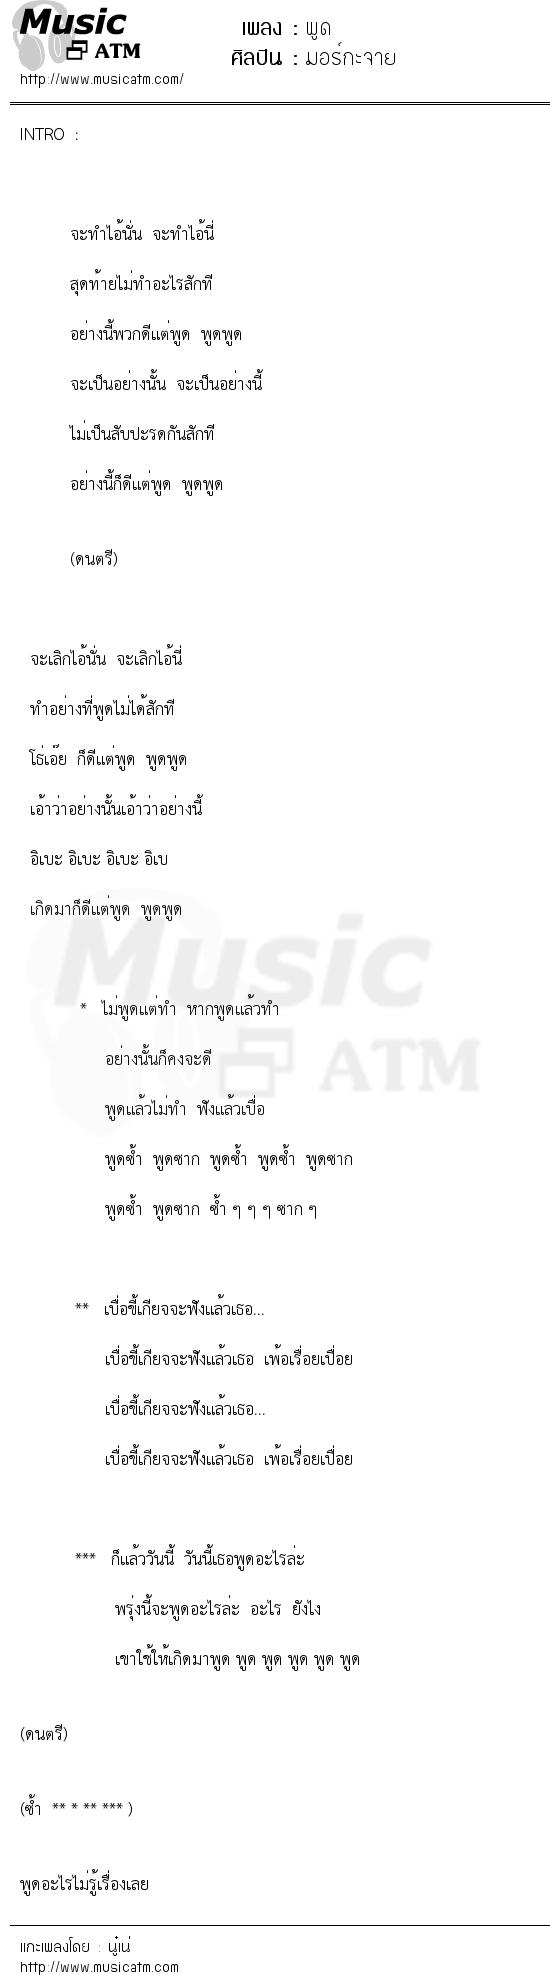 เนื้อเพลง พูด - มอร์กะจาย | Popasia.net | เพลงไทย